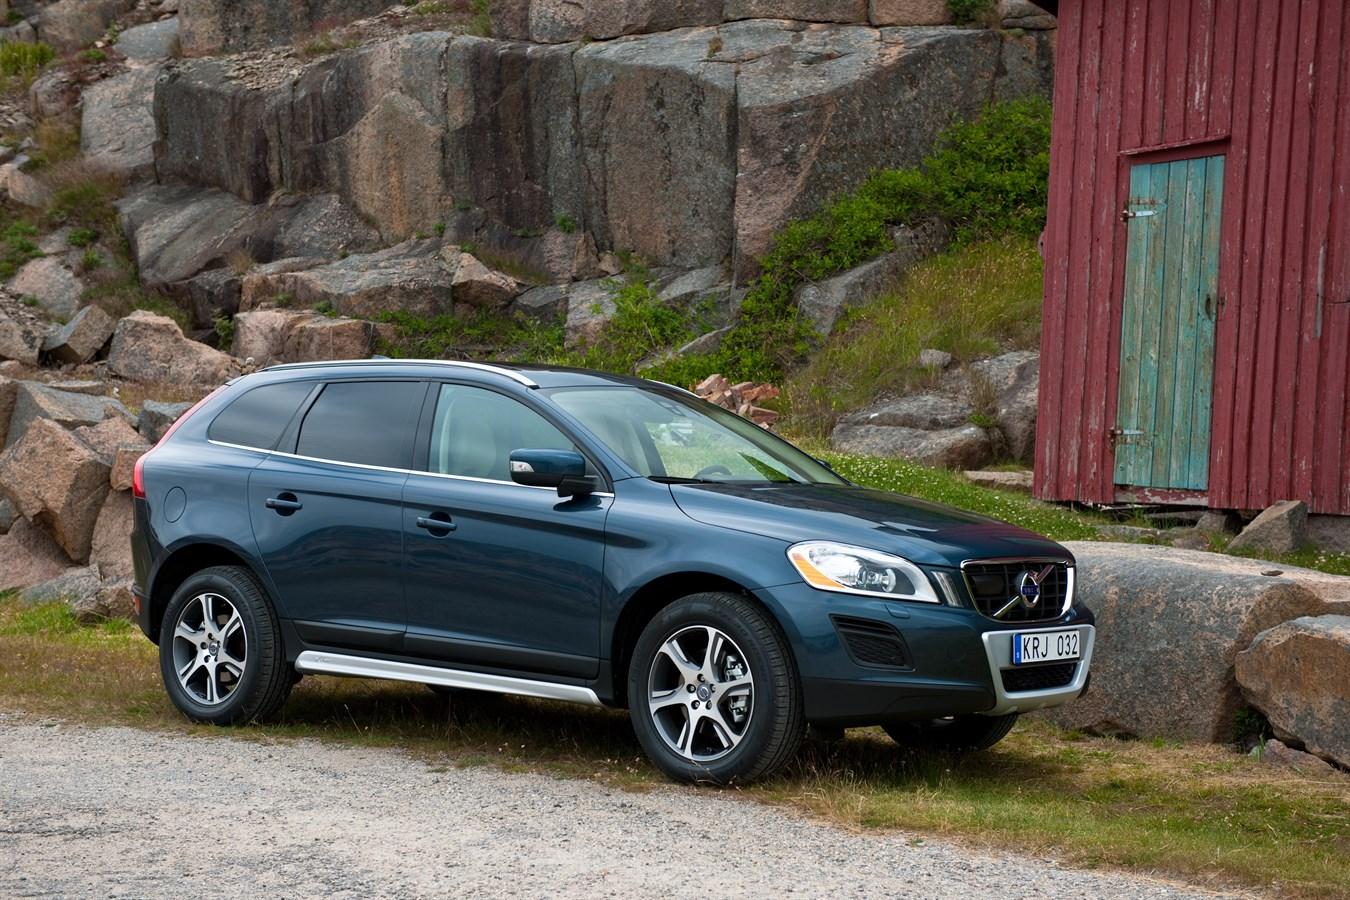 Volvo xc60 alternatives